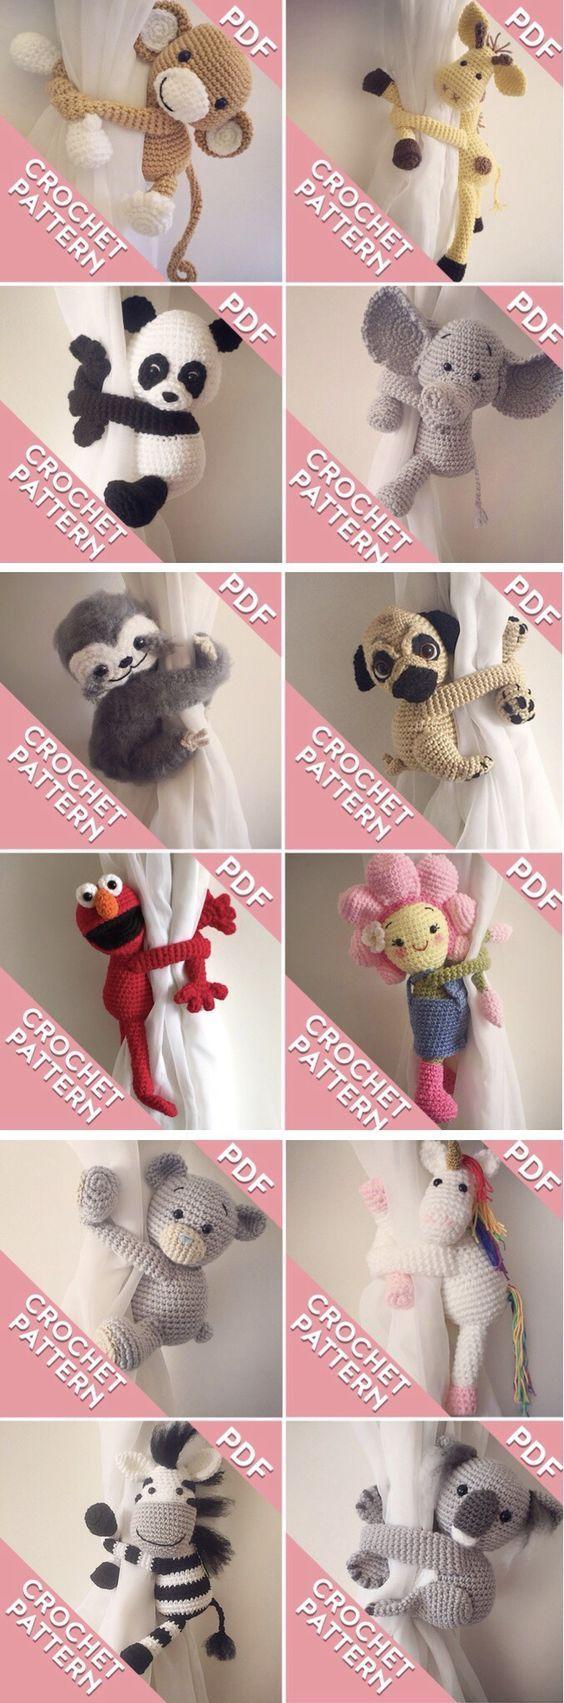 Crochet pattern monkey and friends curtain tie backs